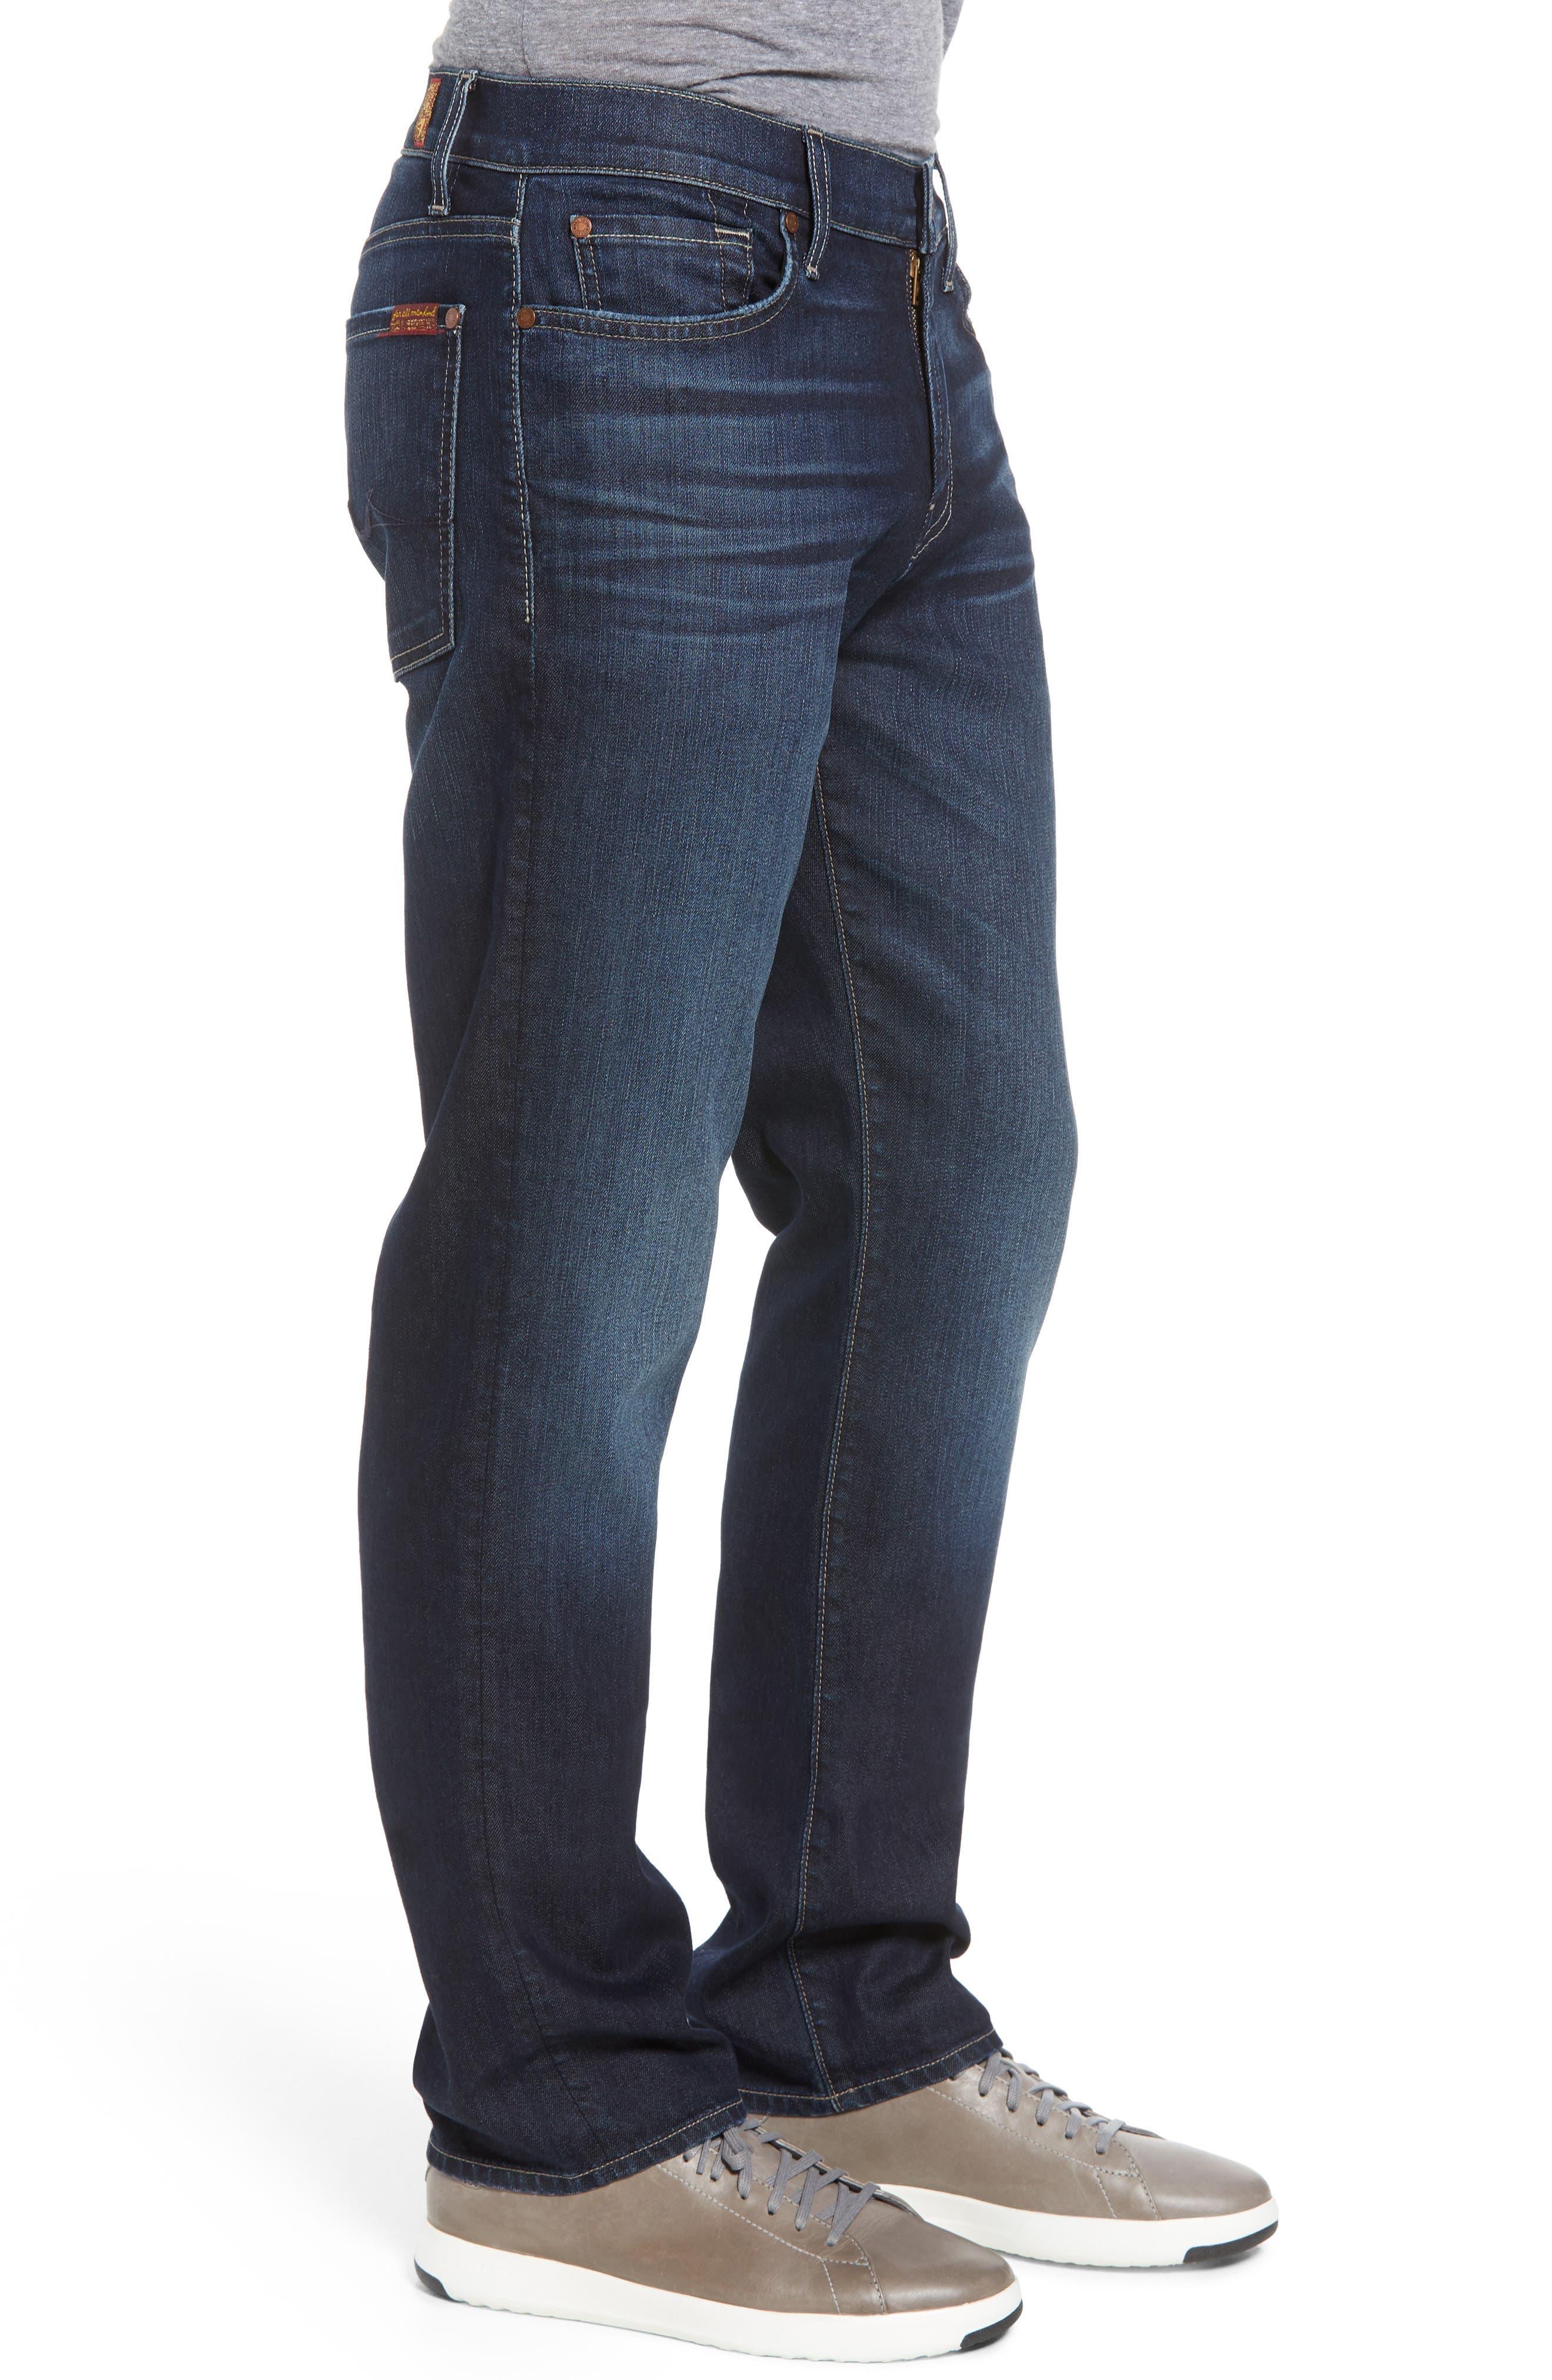 Airweft Standard Straight Leg Jeans,                             Alternate thumbnail 3, color,                             Concierge